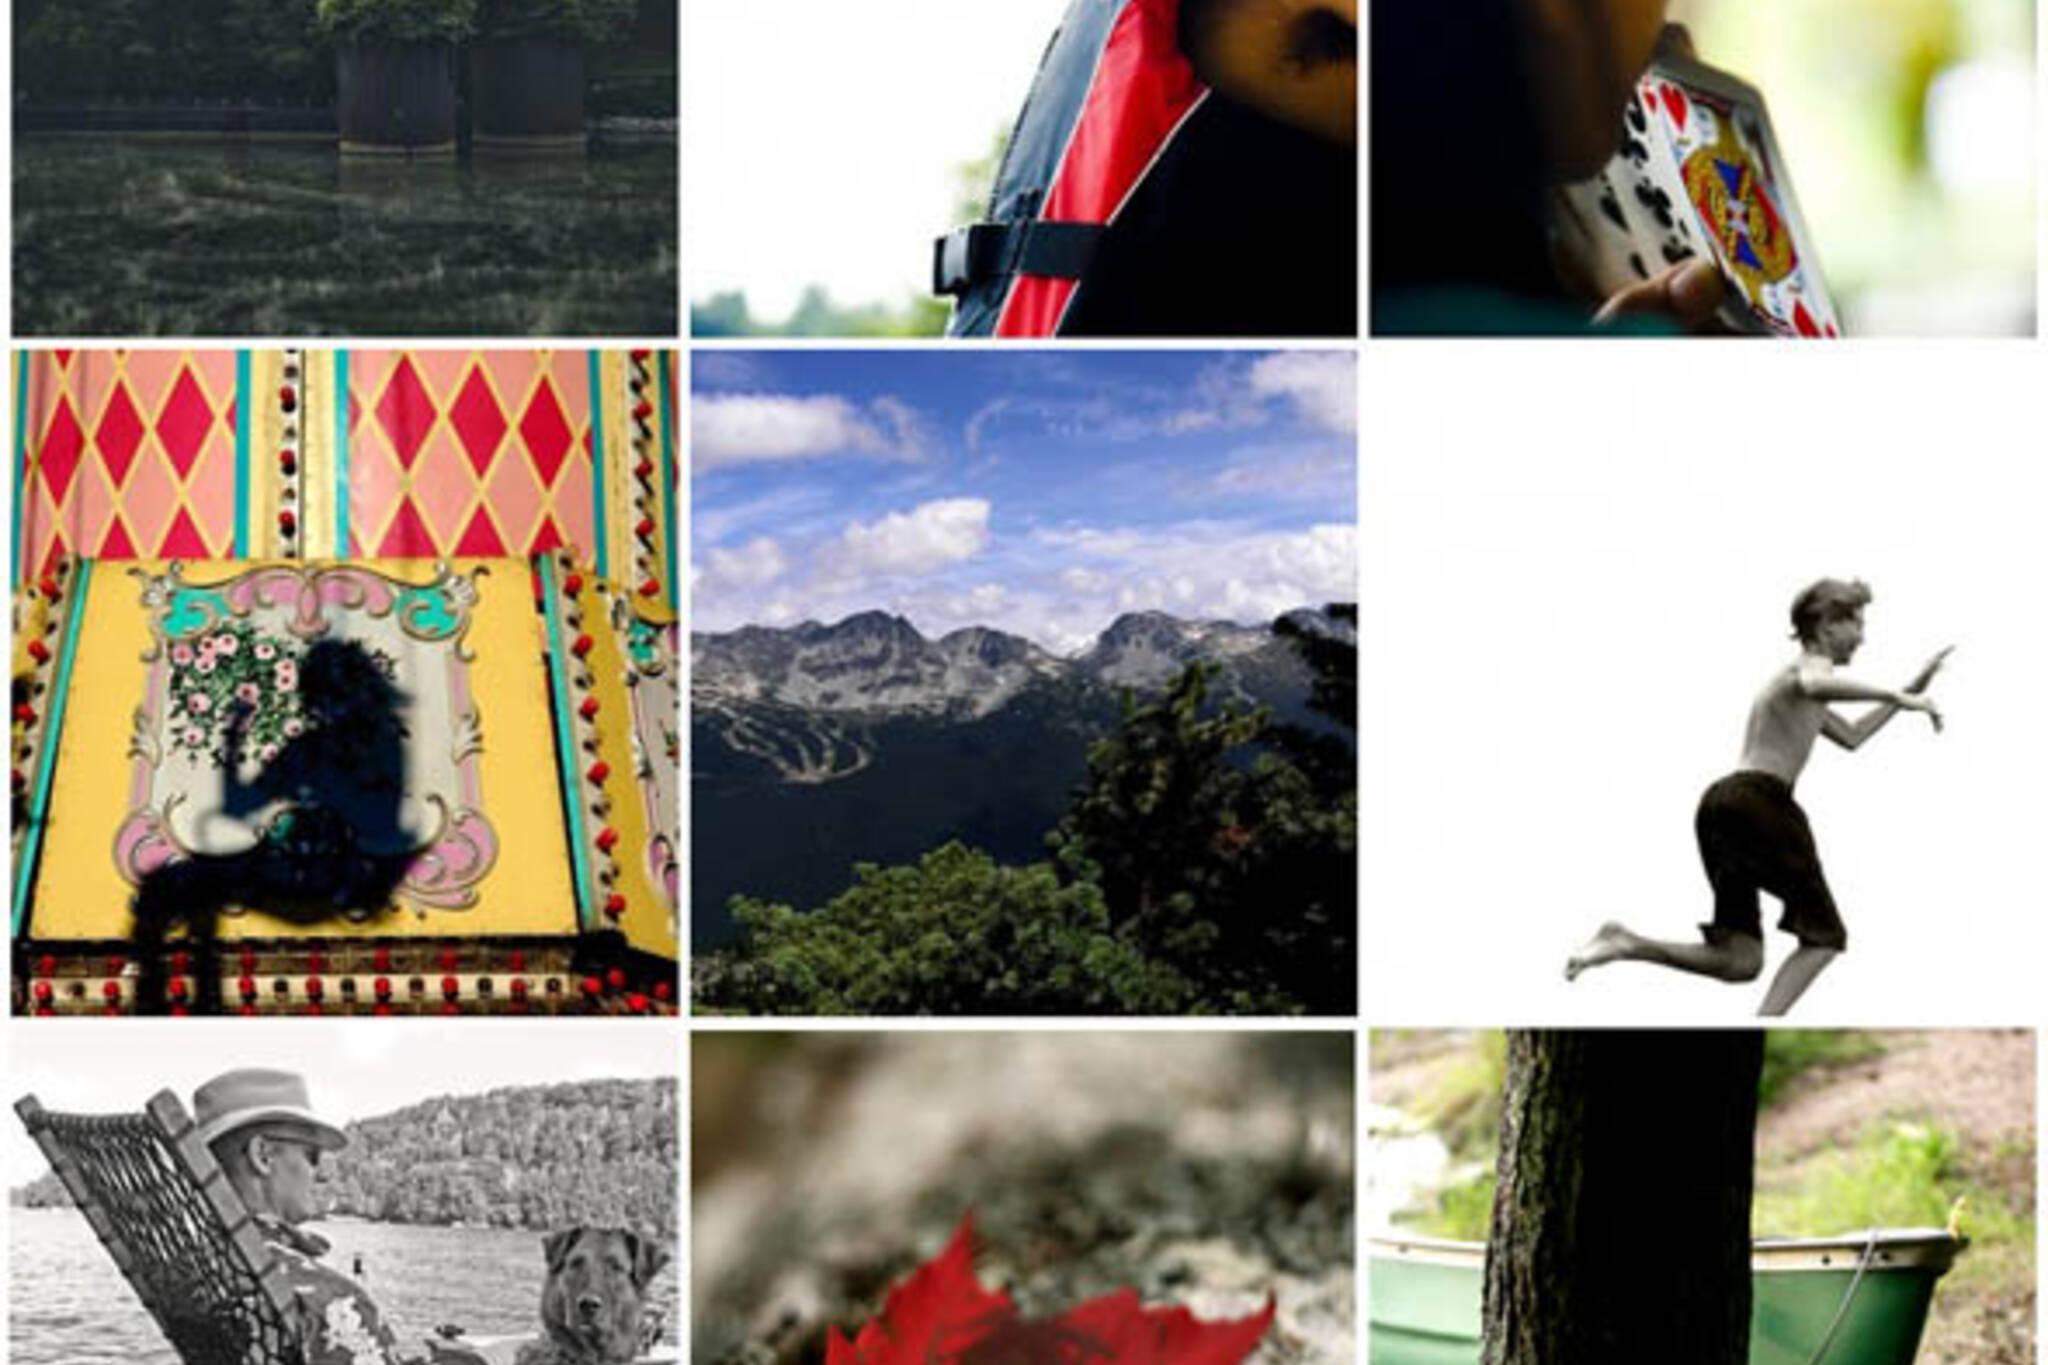 Flickr Forum: September 5nd, 2008 - Summer Vacation